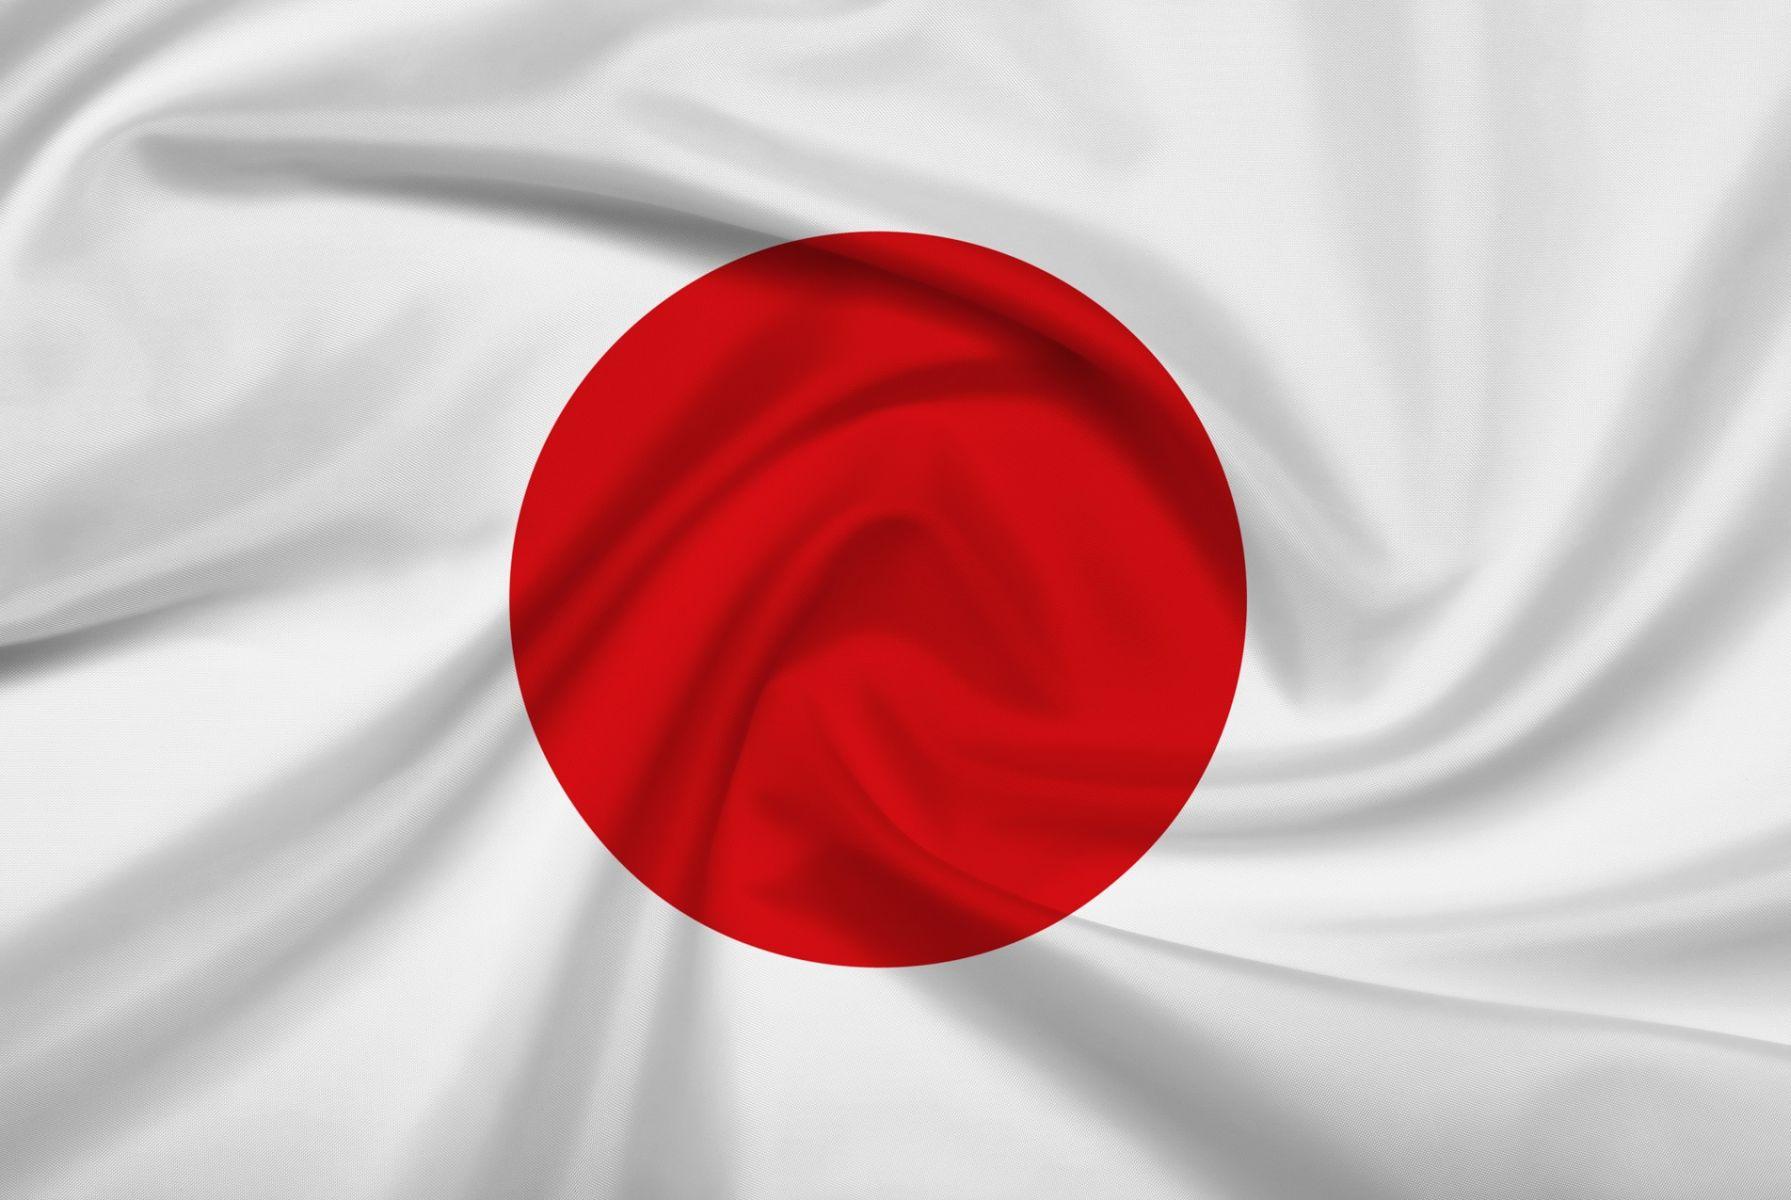 安倍順利連任 投資日本要「買小不買大」